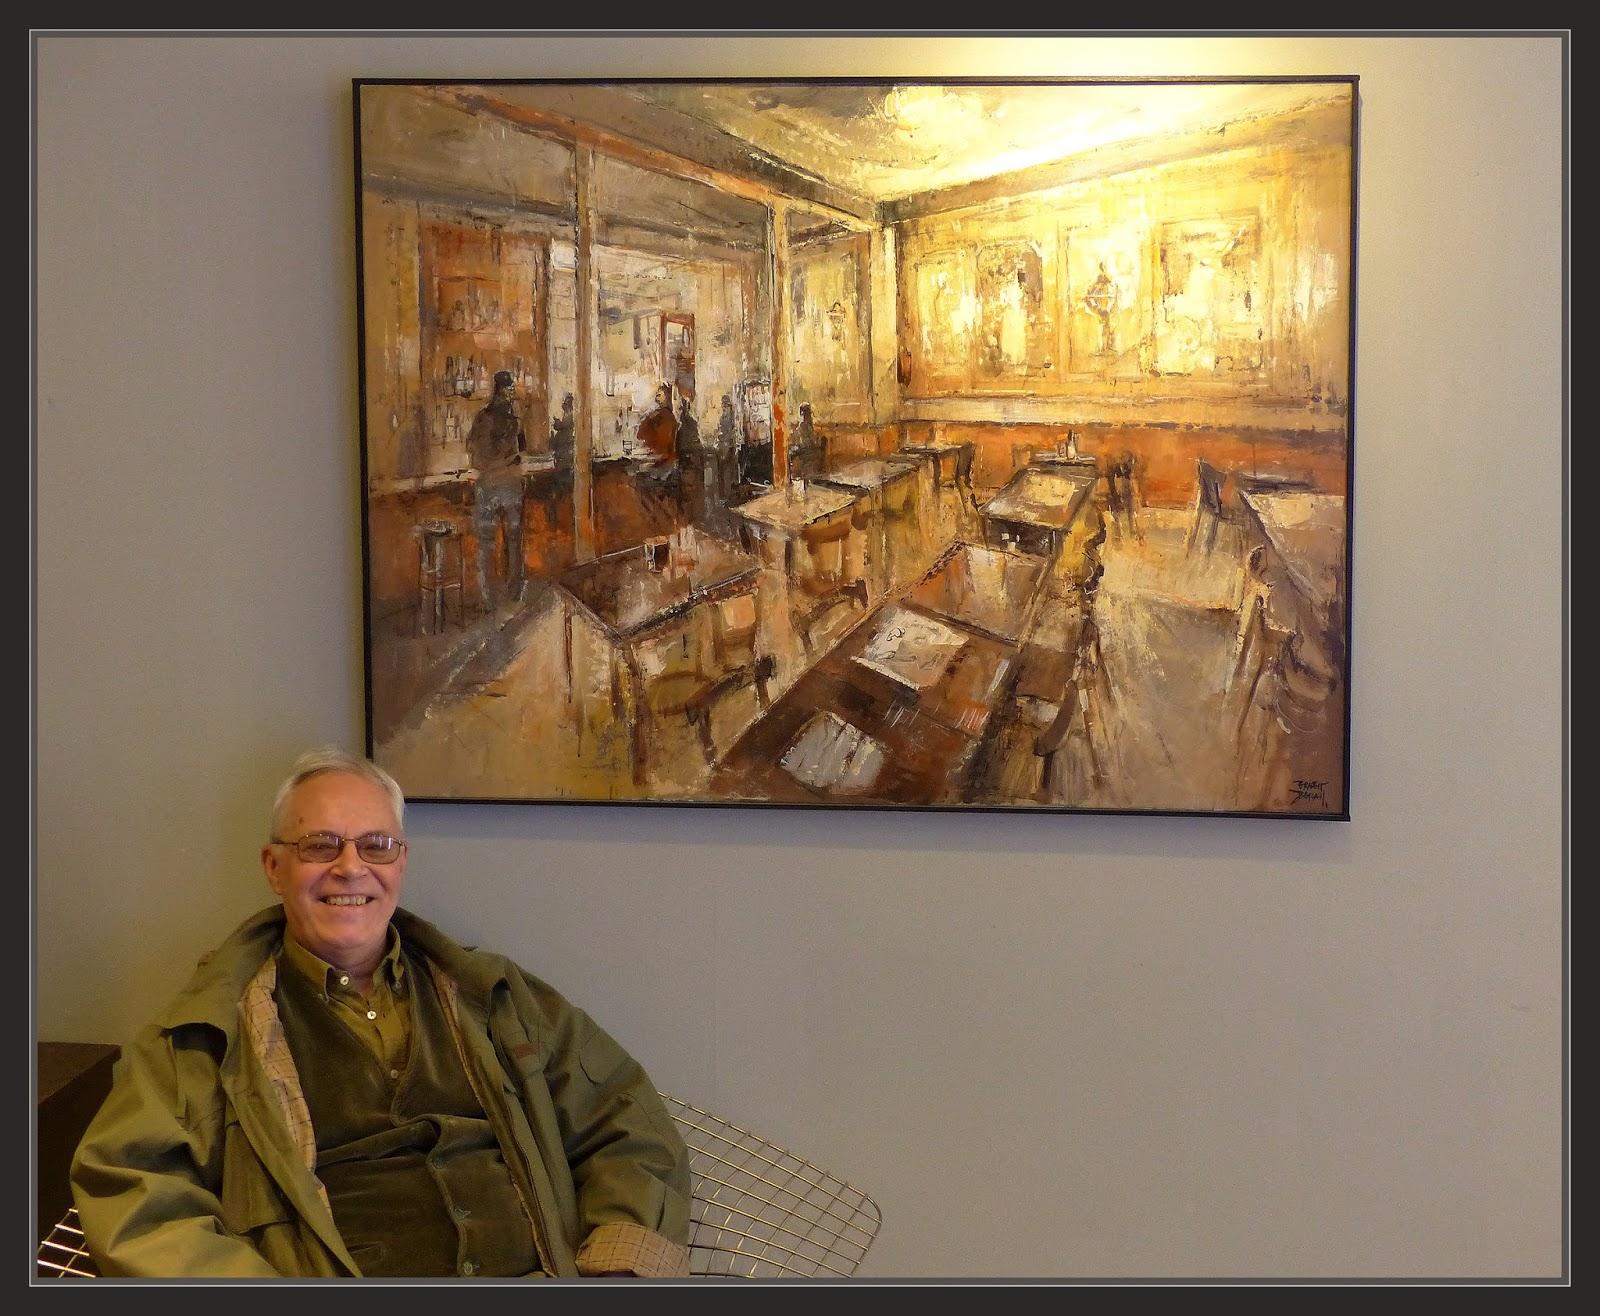 Ernest descals artista pintor exposici pintura manresa - Trabajo de pintor en barcelona ...